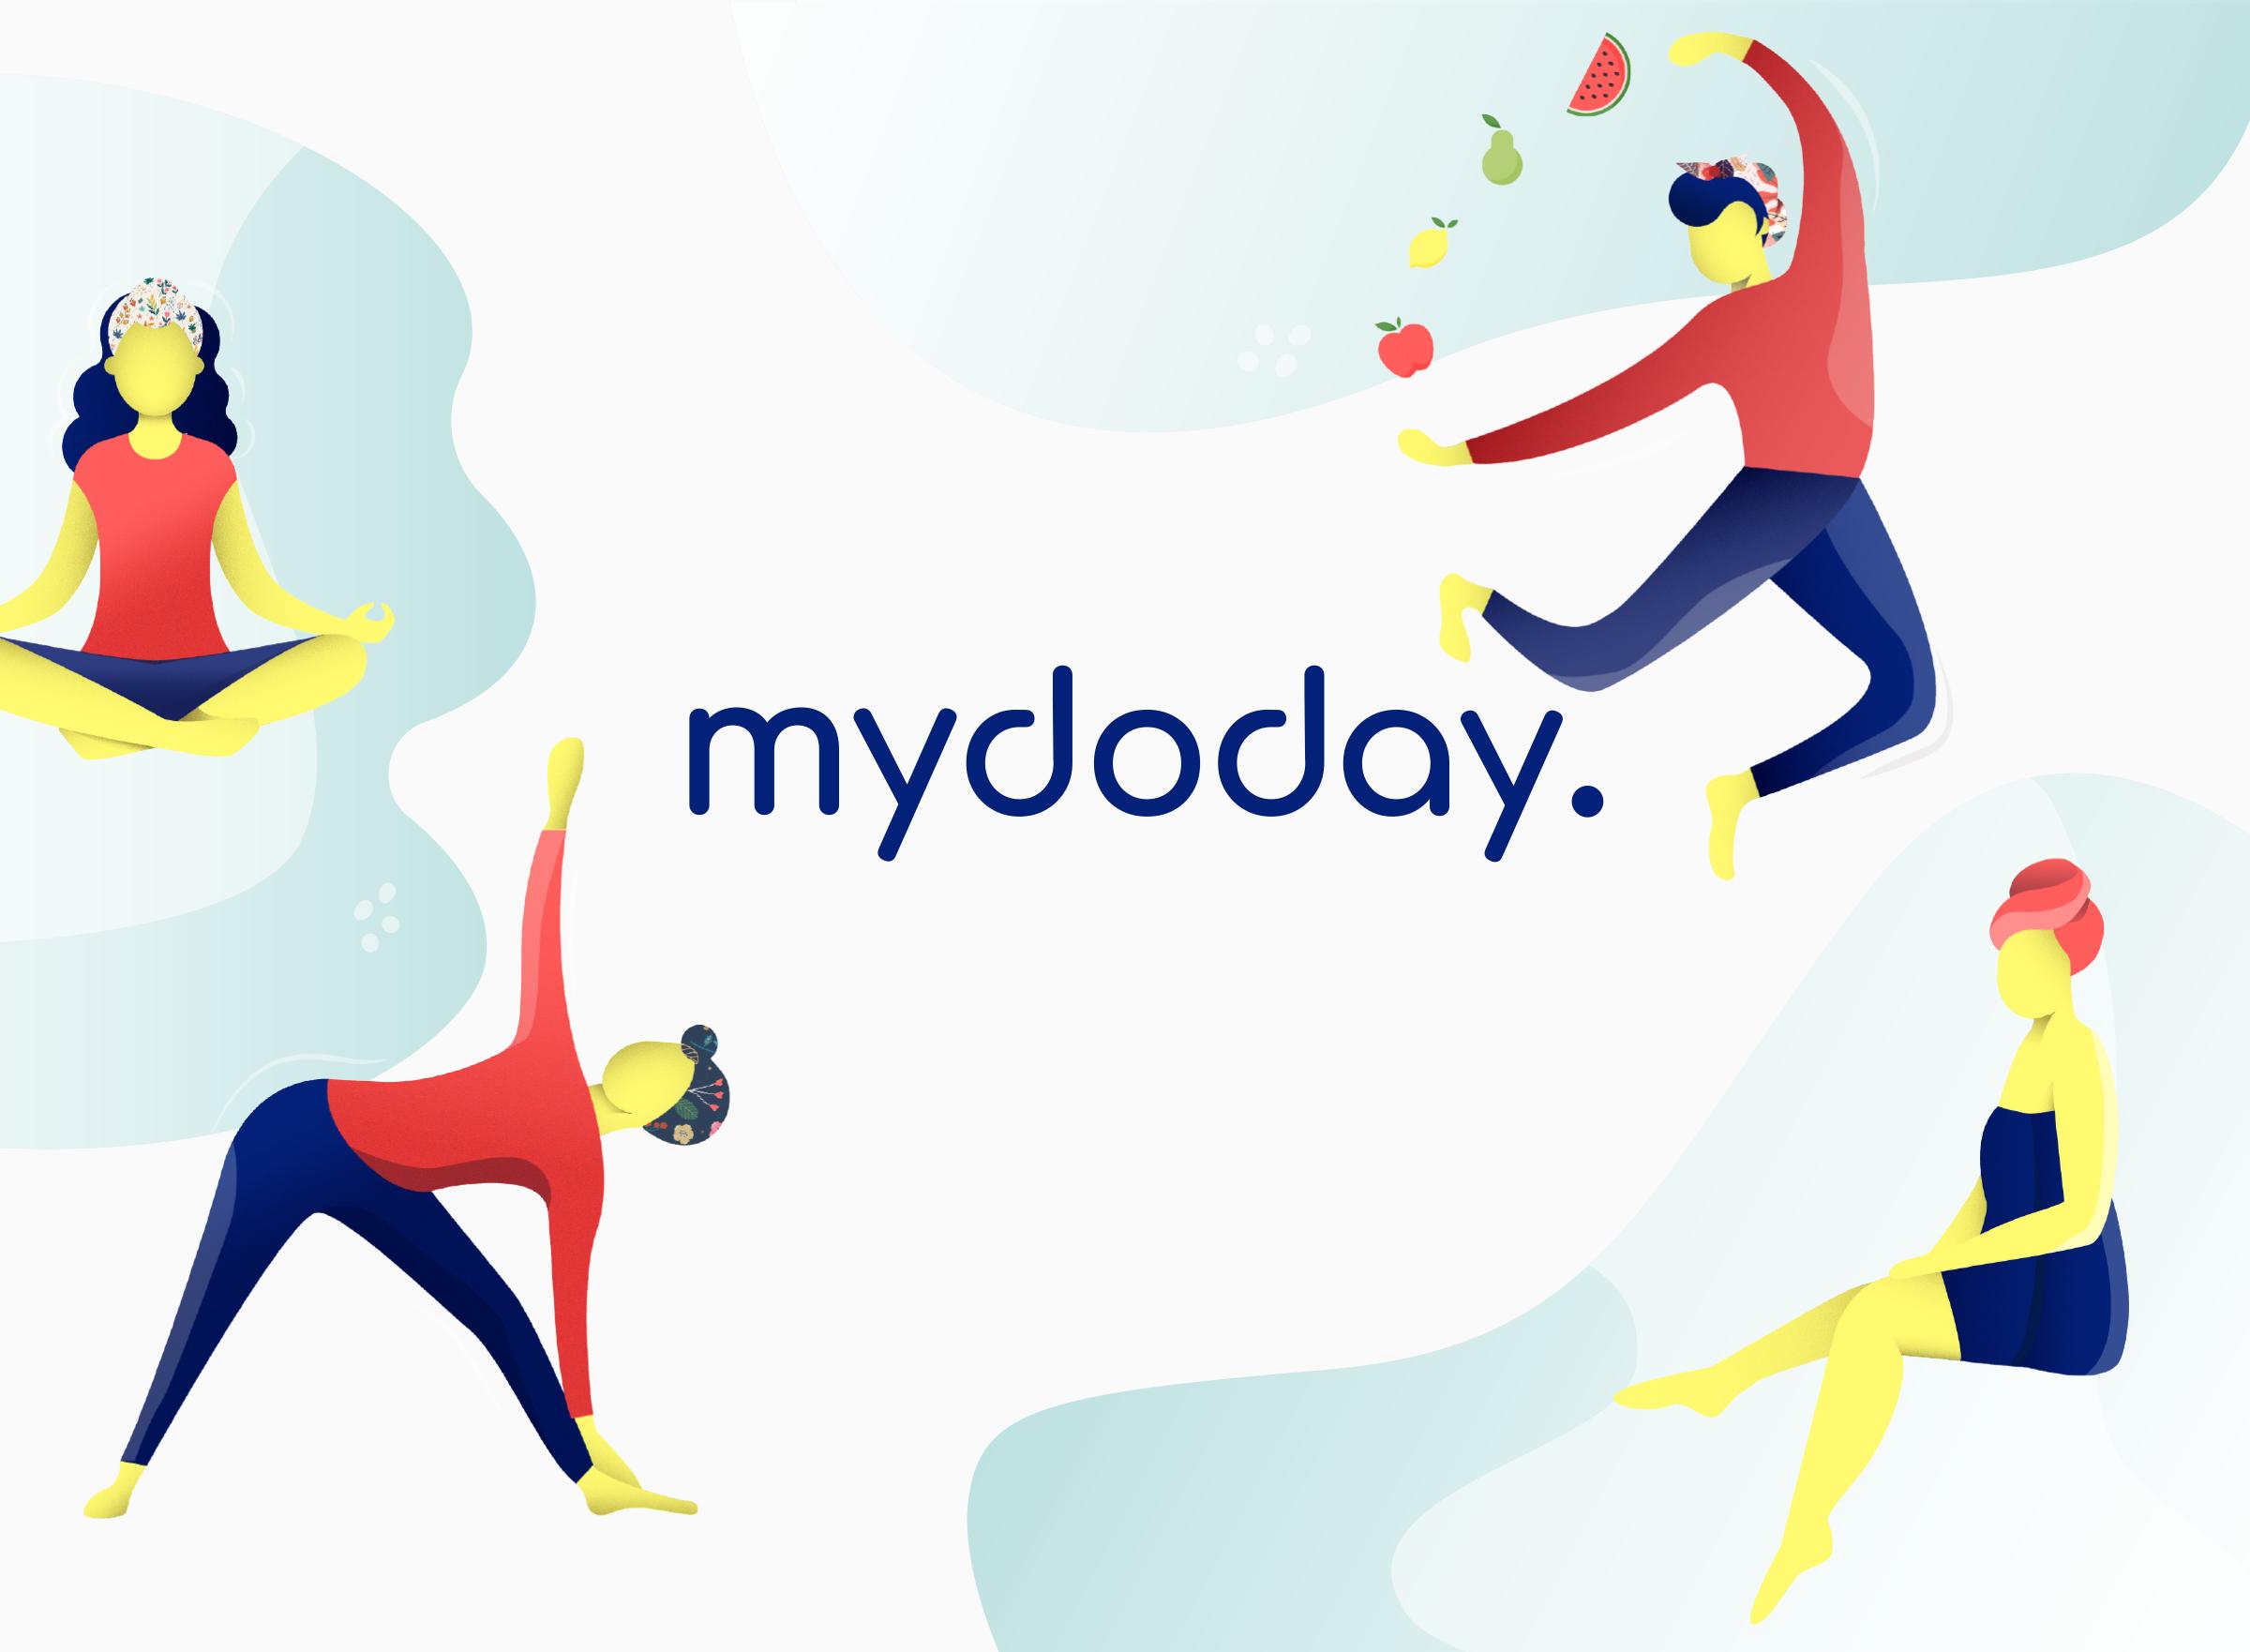 Zu sehen ist eine Illustration in der verschiedene Frauen unterschiedliche Dinge tun. Im Vordergrund jongliert eine Frau mit Früchten. Daneben meditiert eine weitere Frau. Rechts im Bild macht ein Charakter eine Yoga Pose und unten rechts sitzt eine Frau in Badehandtuch und entspannt.